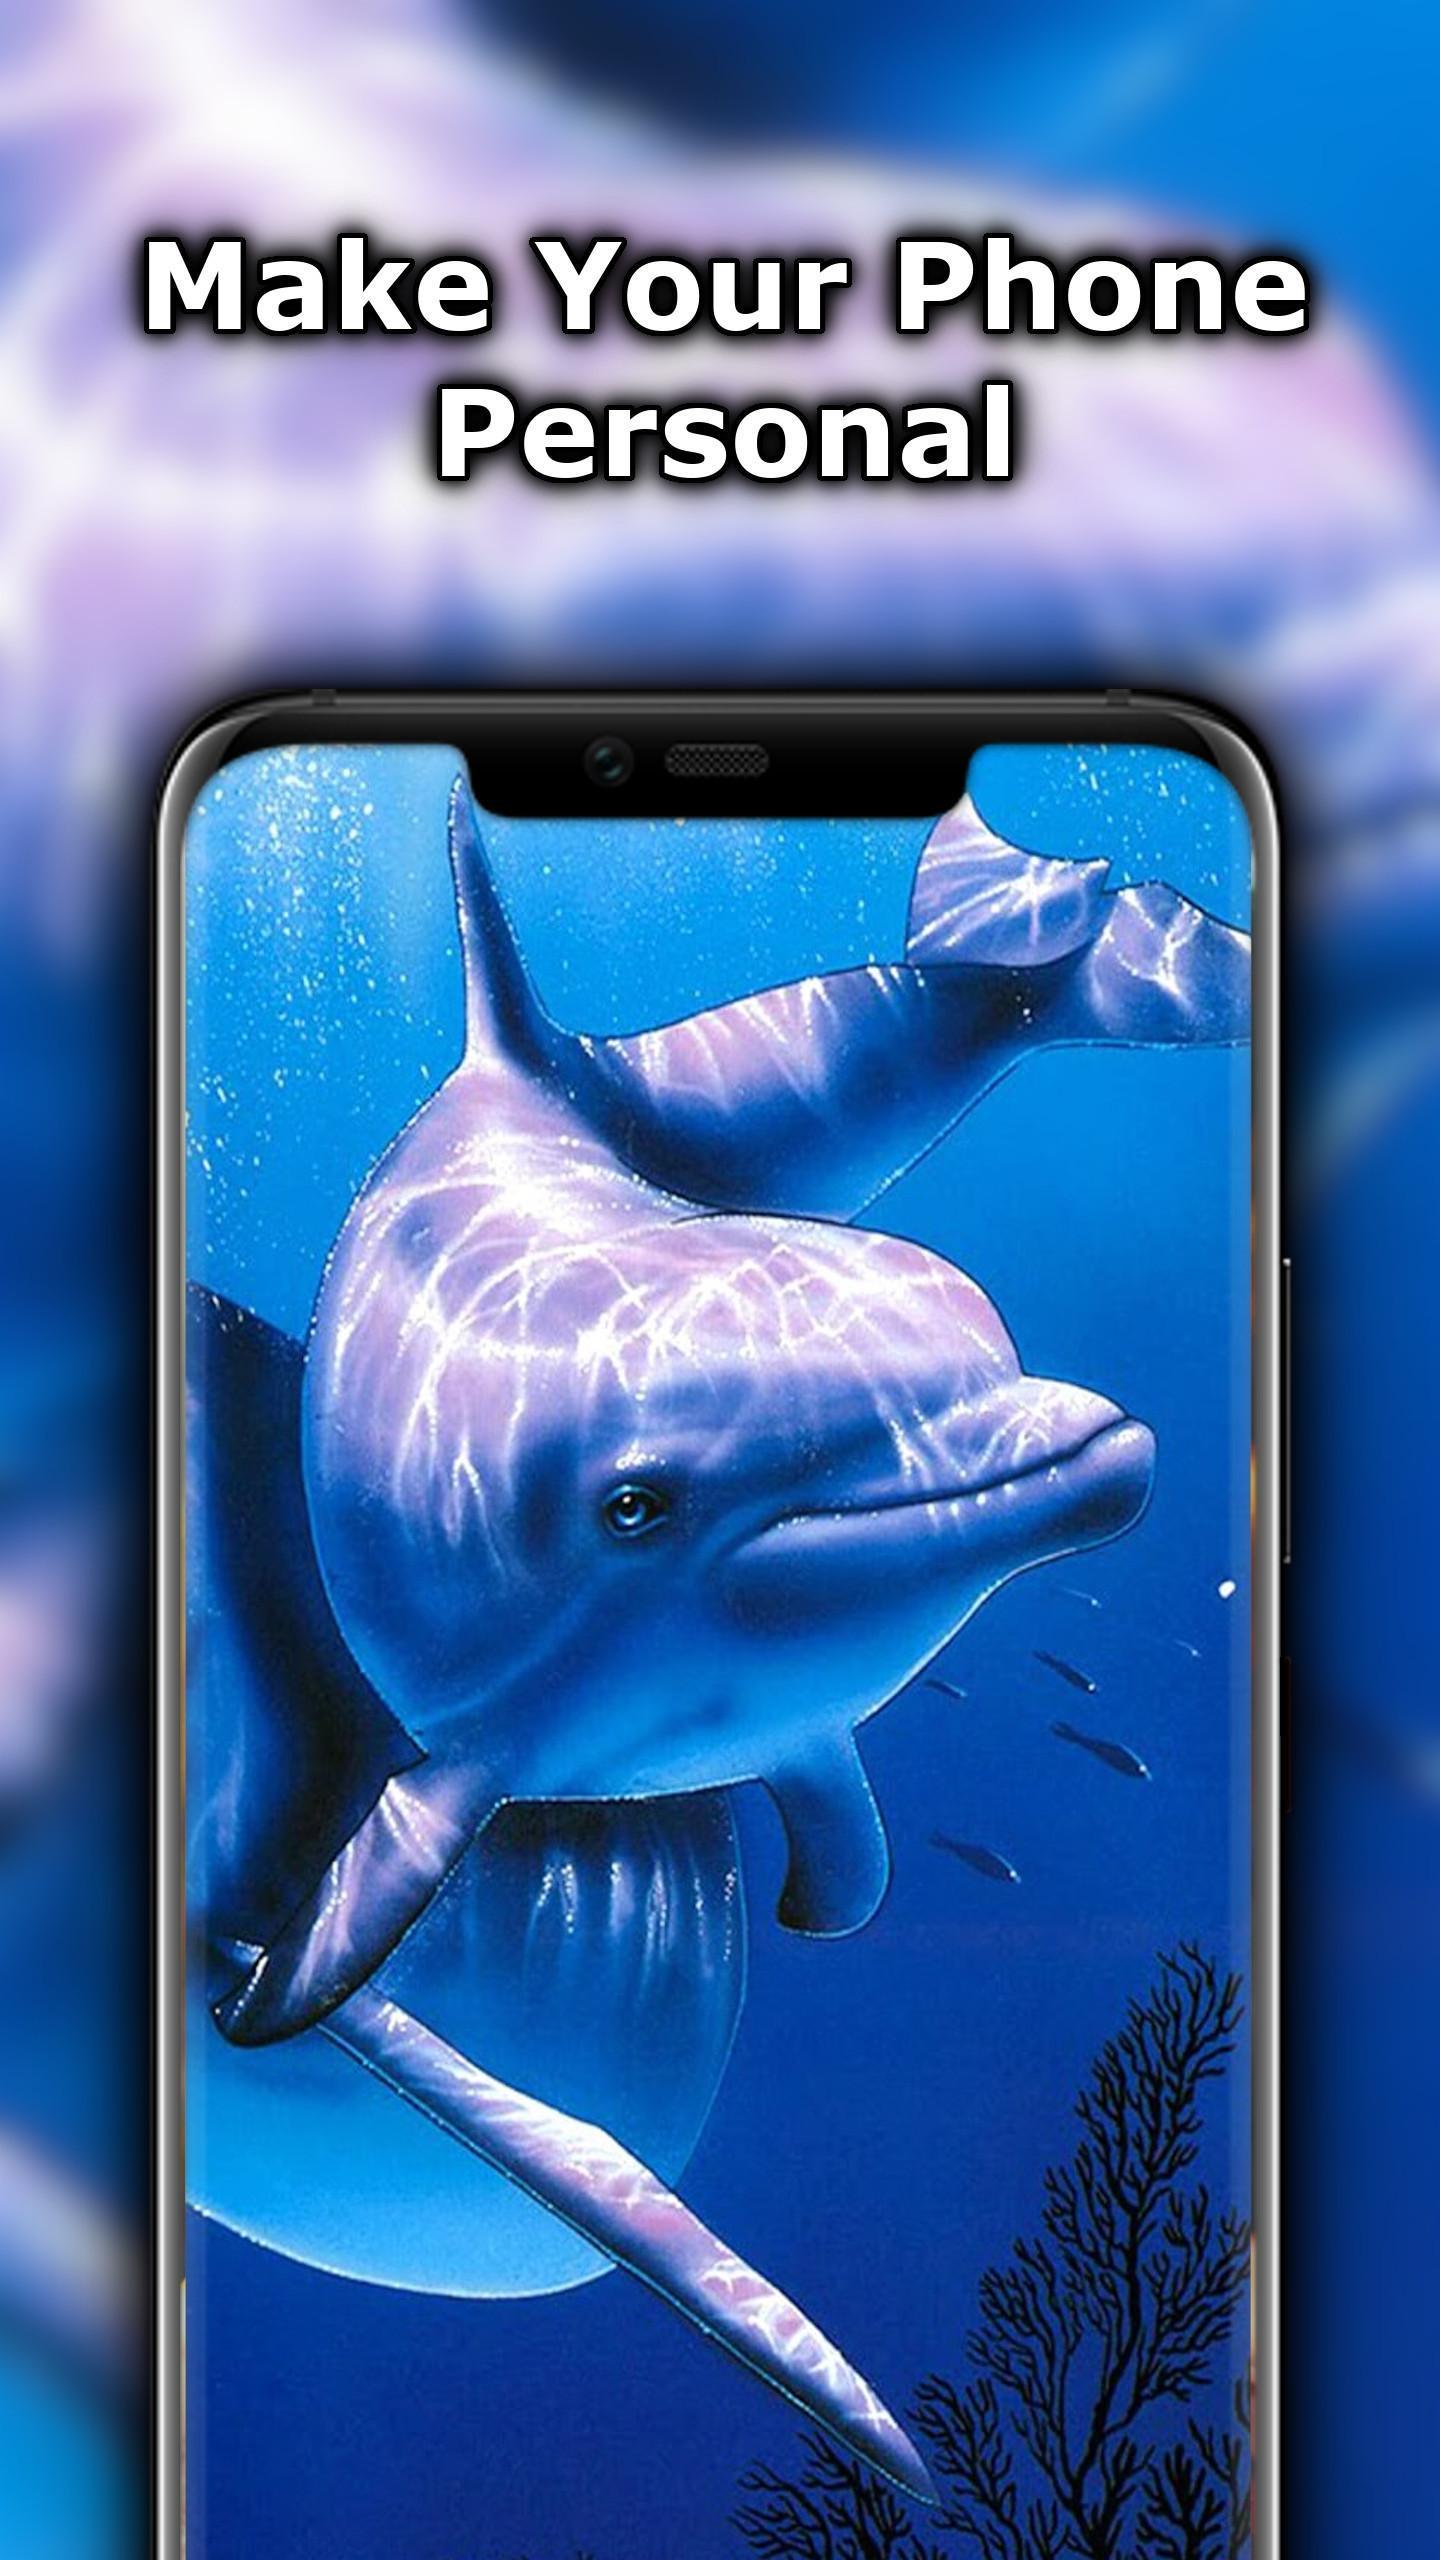 Android 用の かわいいイルカの壁紙 Apk をダウンロード